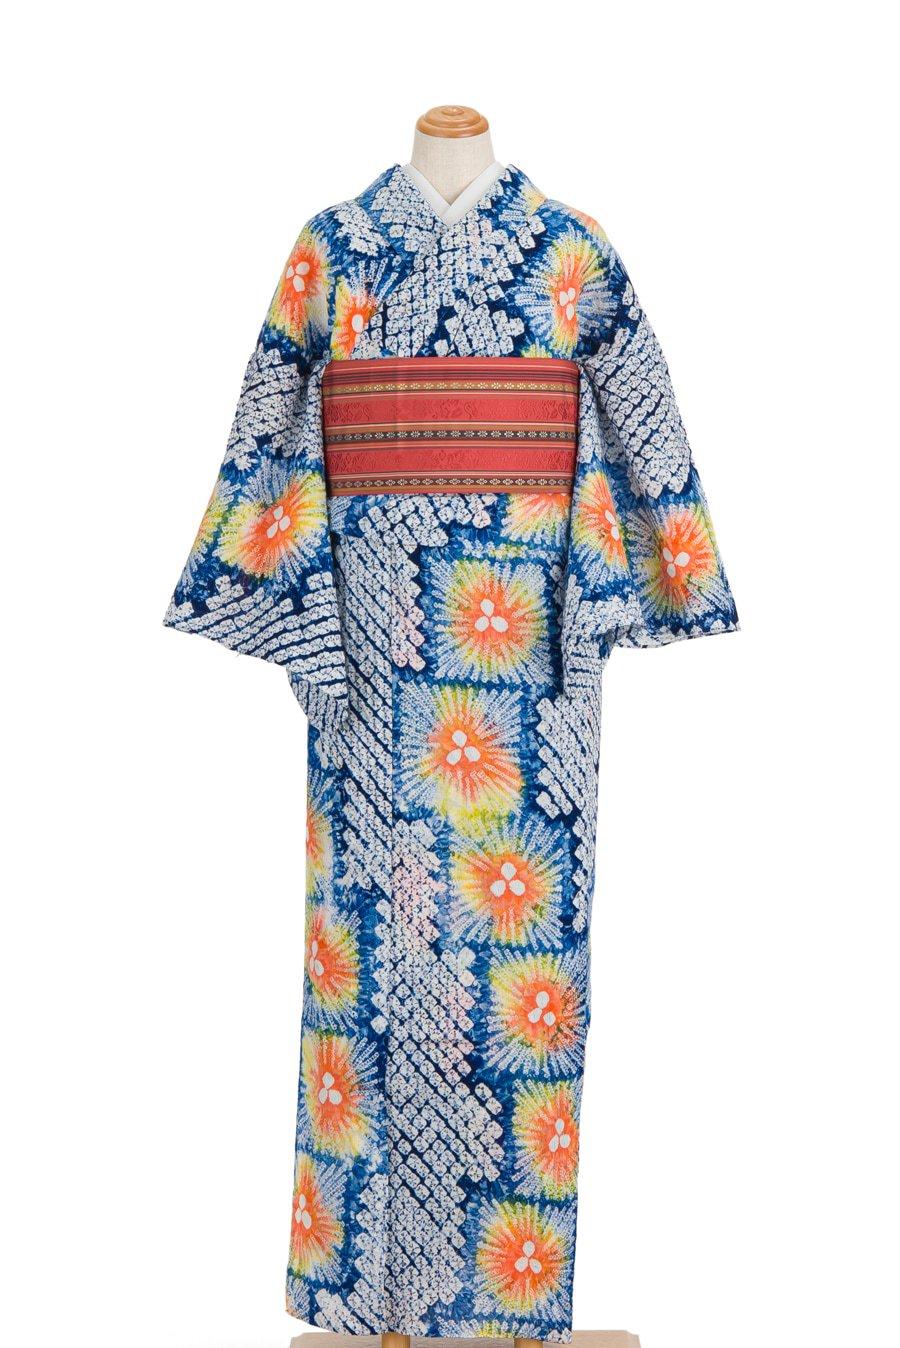 「絞りの浴衣 オレンジ花火」の商品画像